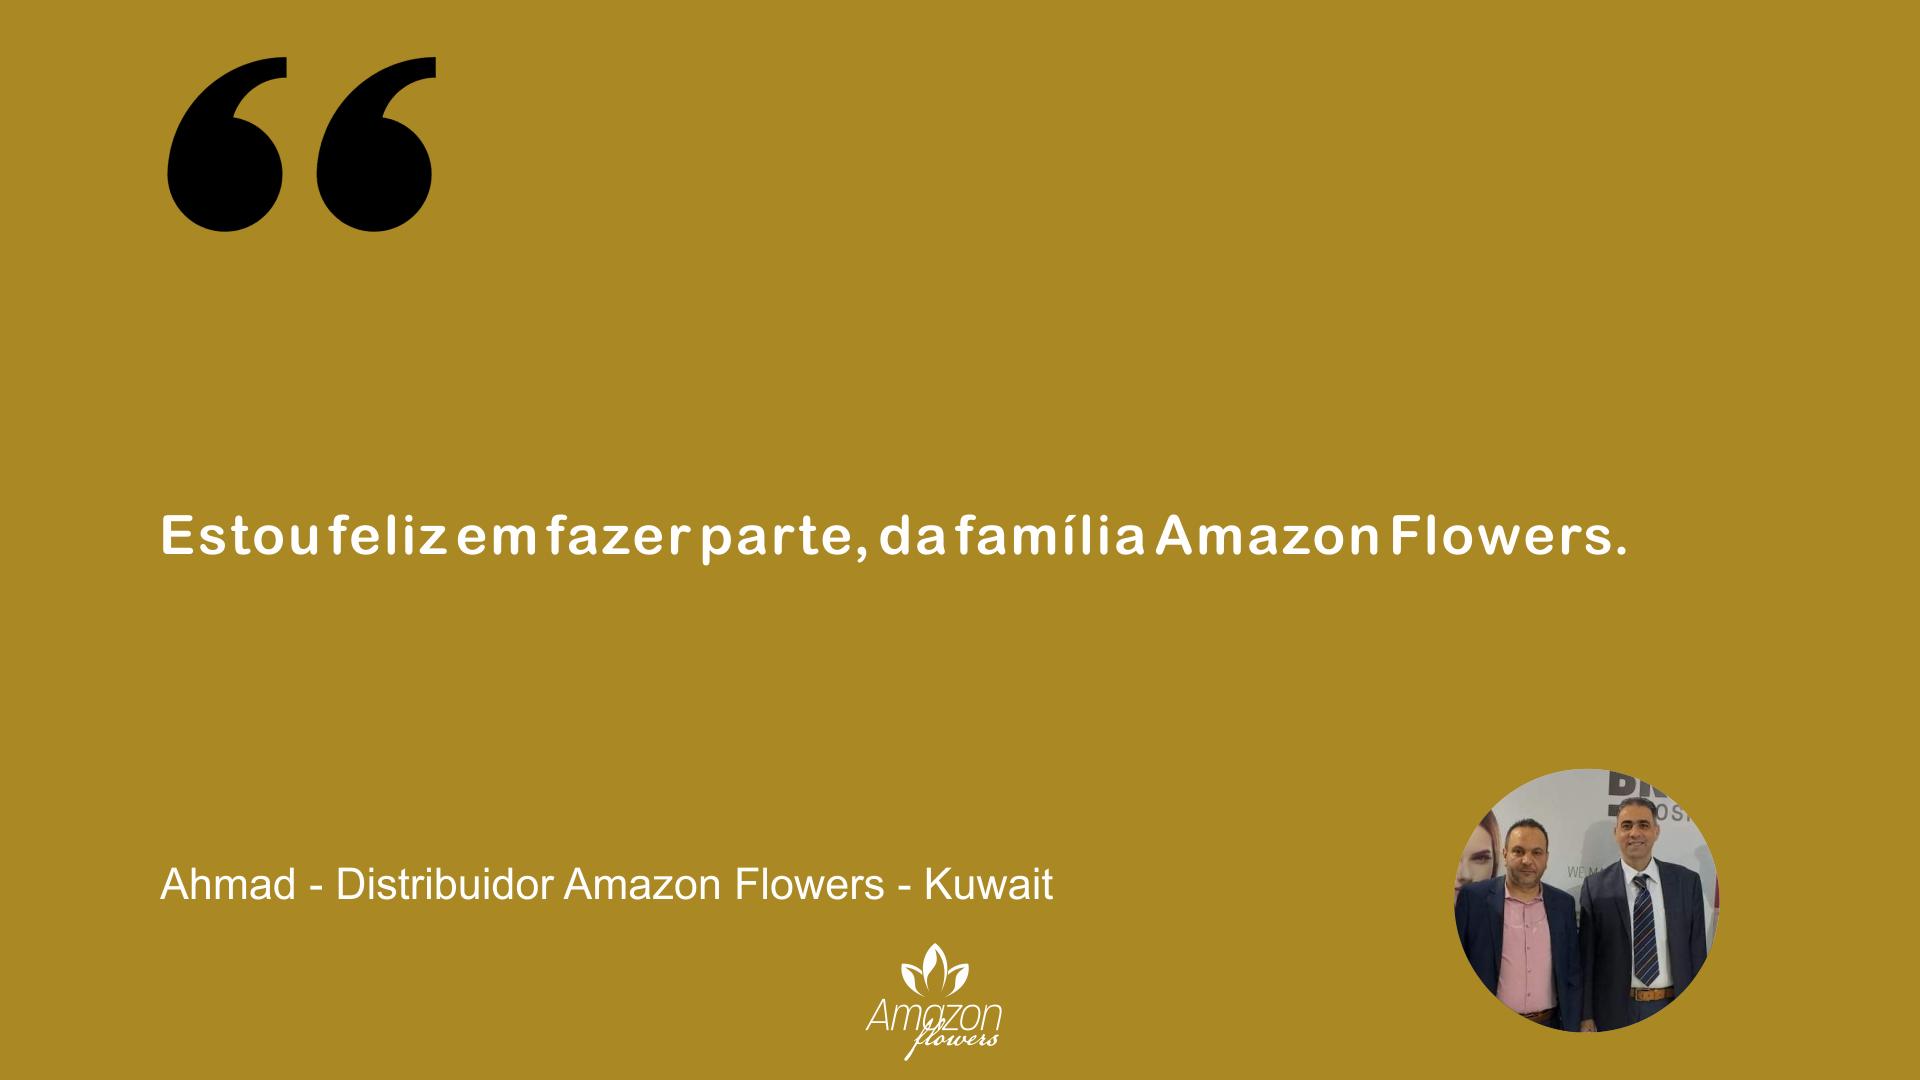 Ahmad - Distribuidor Amazon Flowers - Kuwait